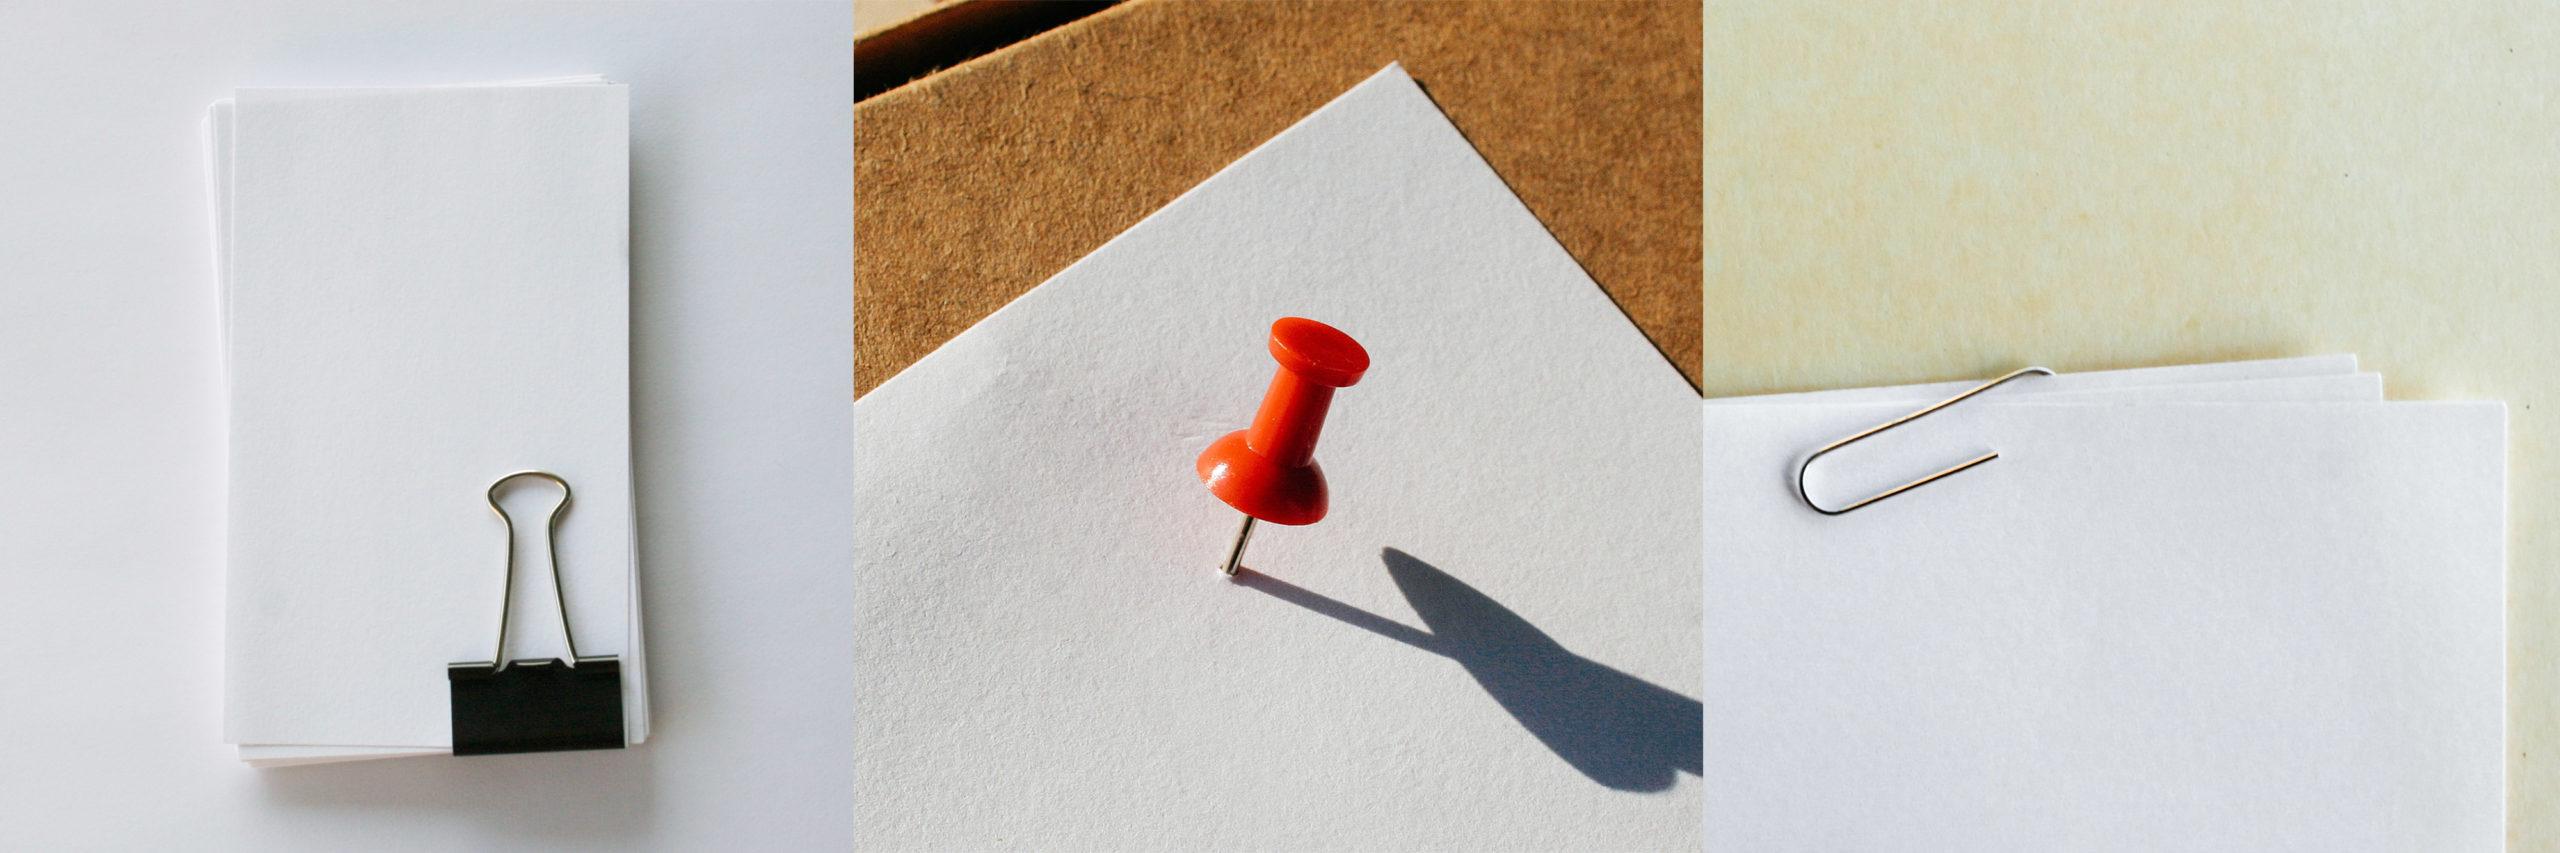 A pushpin, a paperclip, a binder clip